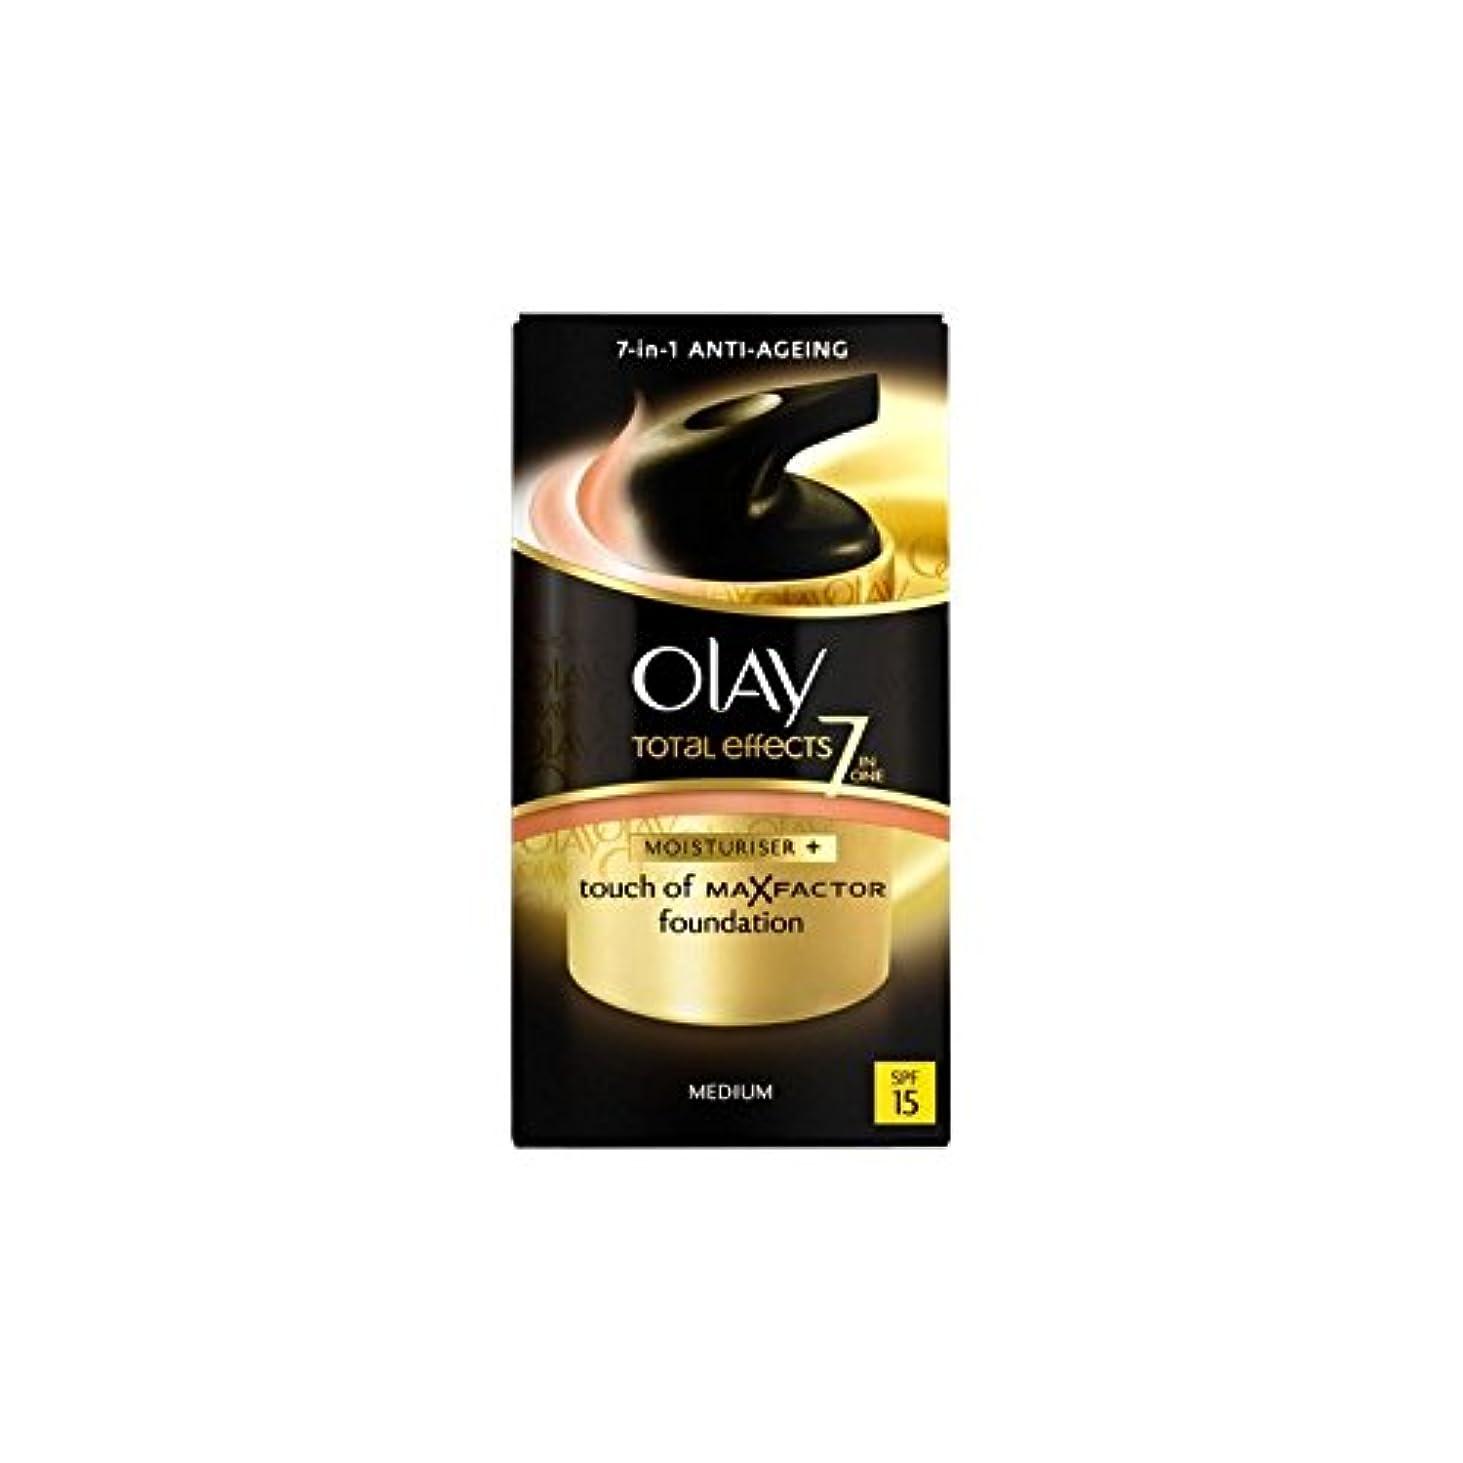 ヨーグルト長老未接続オーレイトータルエフェクト保湿クリーム15 - 培地(50ミリリットル) x2 - Olay Total Effects Moisturiser Bb Cream Spf15 - Medium (50ml) (Pack...